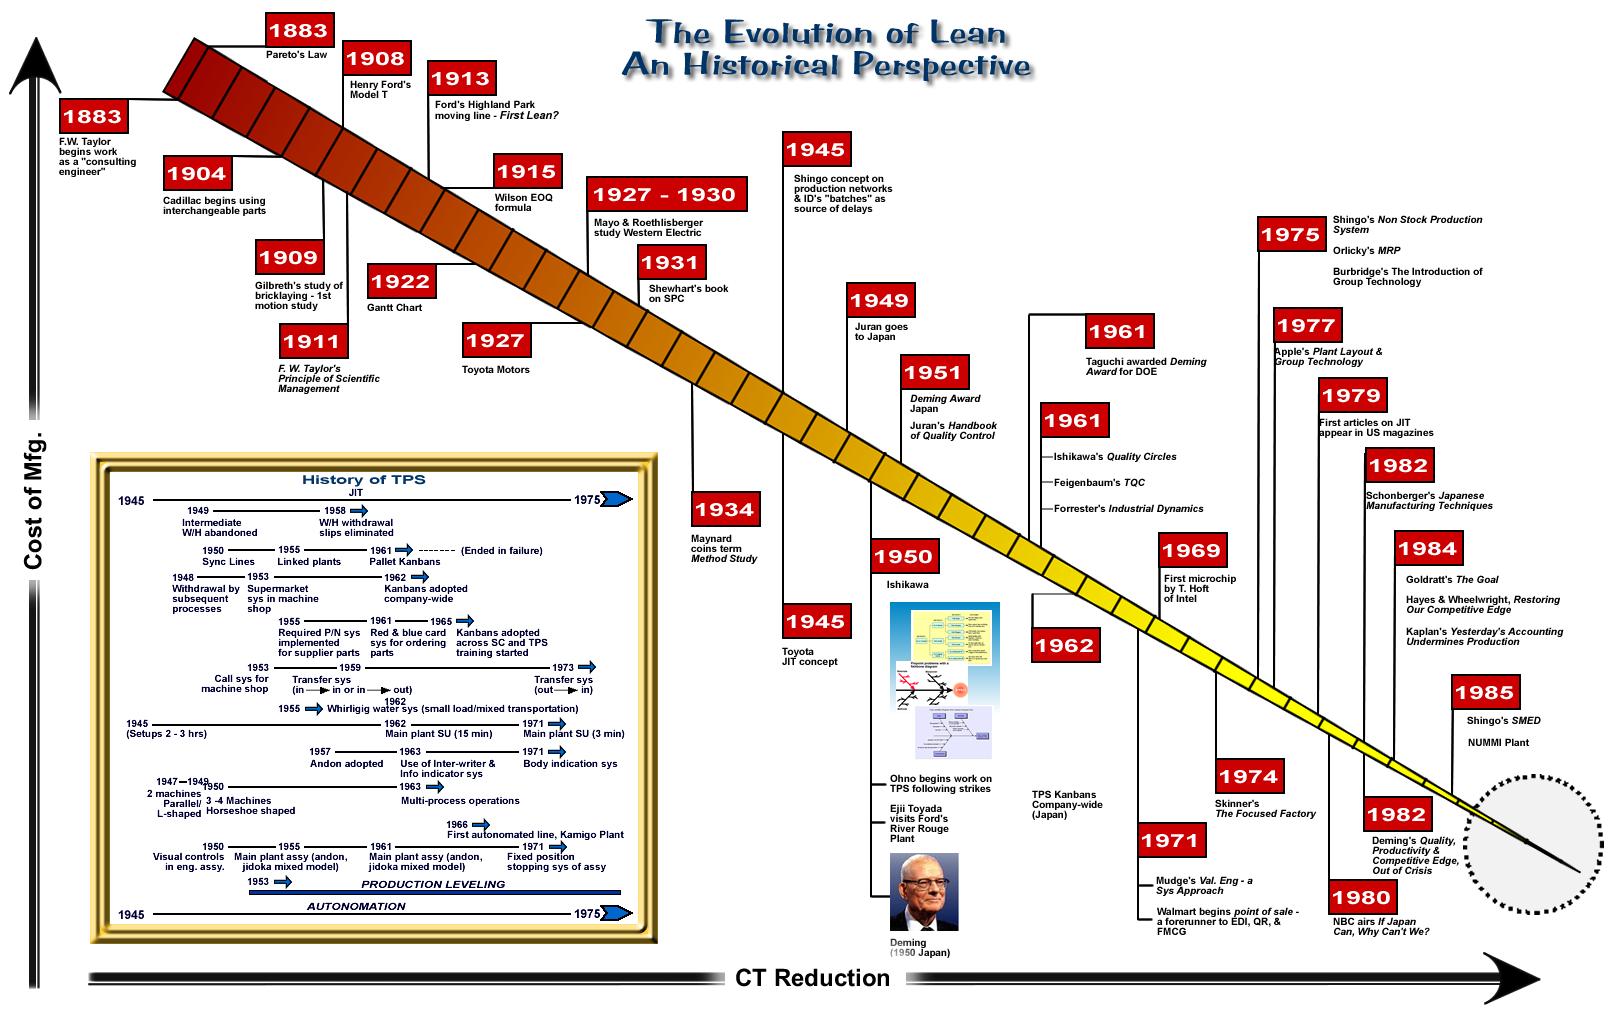 EvolutionOfLeanHistoryTimelineToyota  Timeline